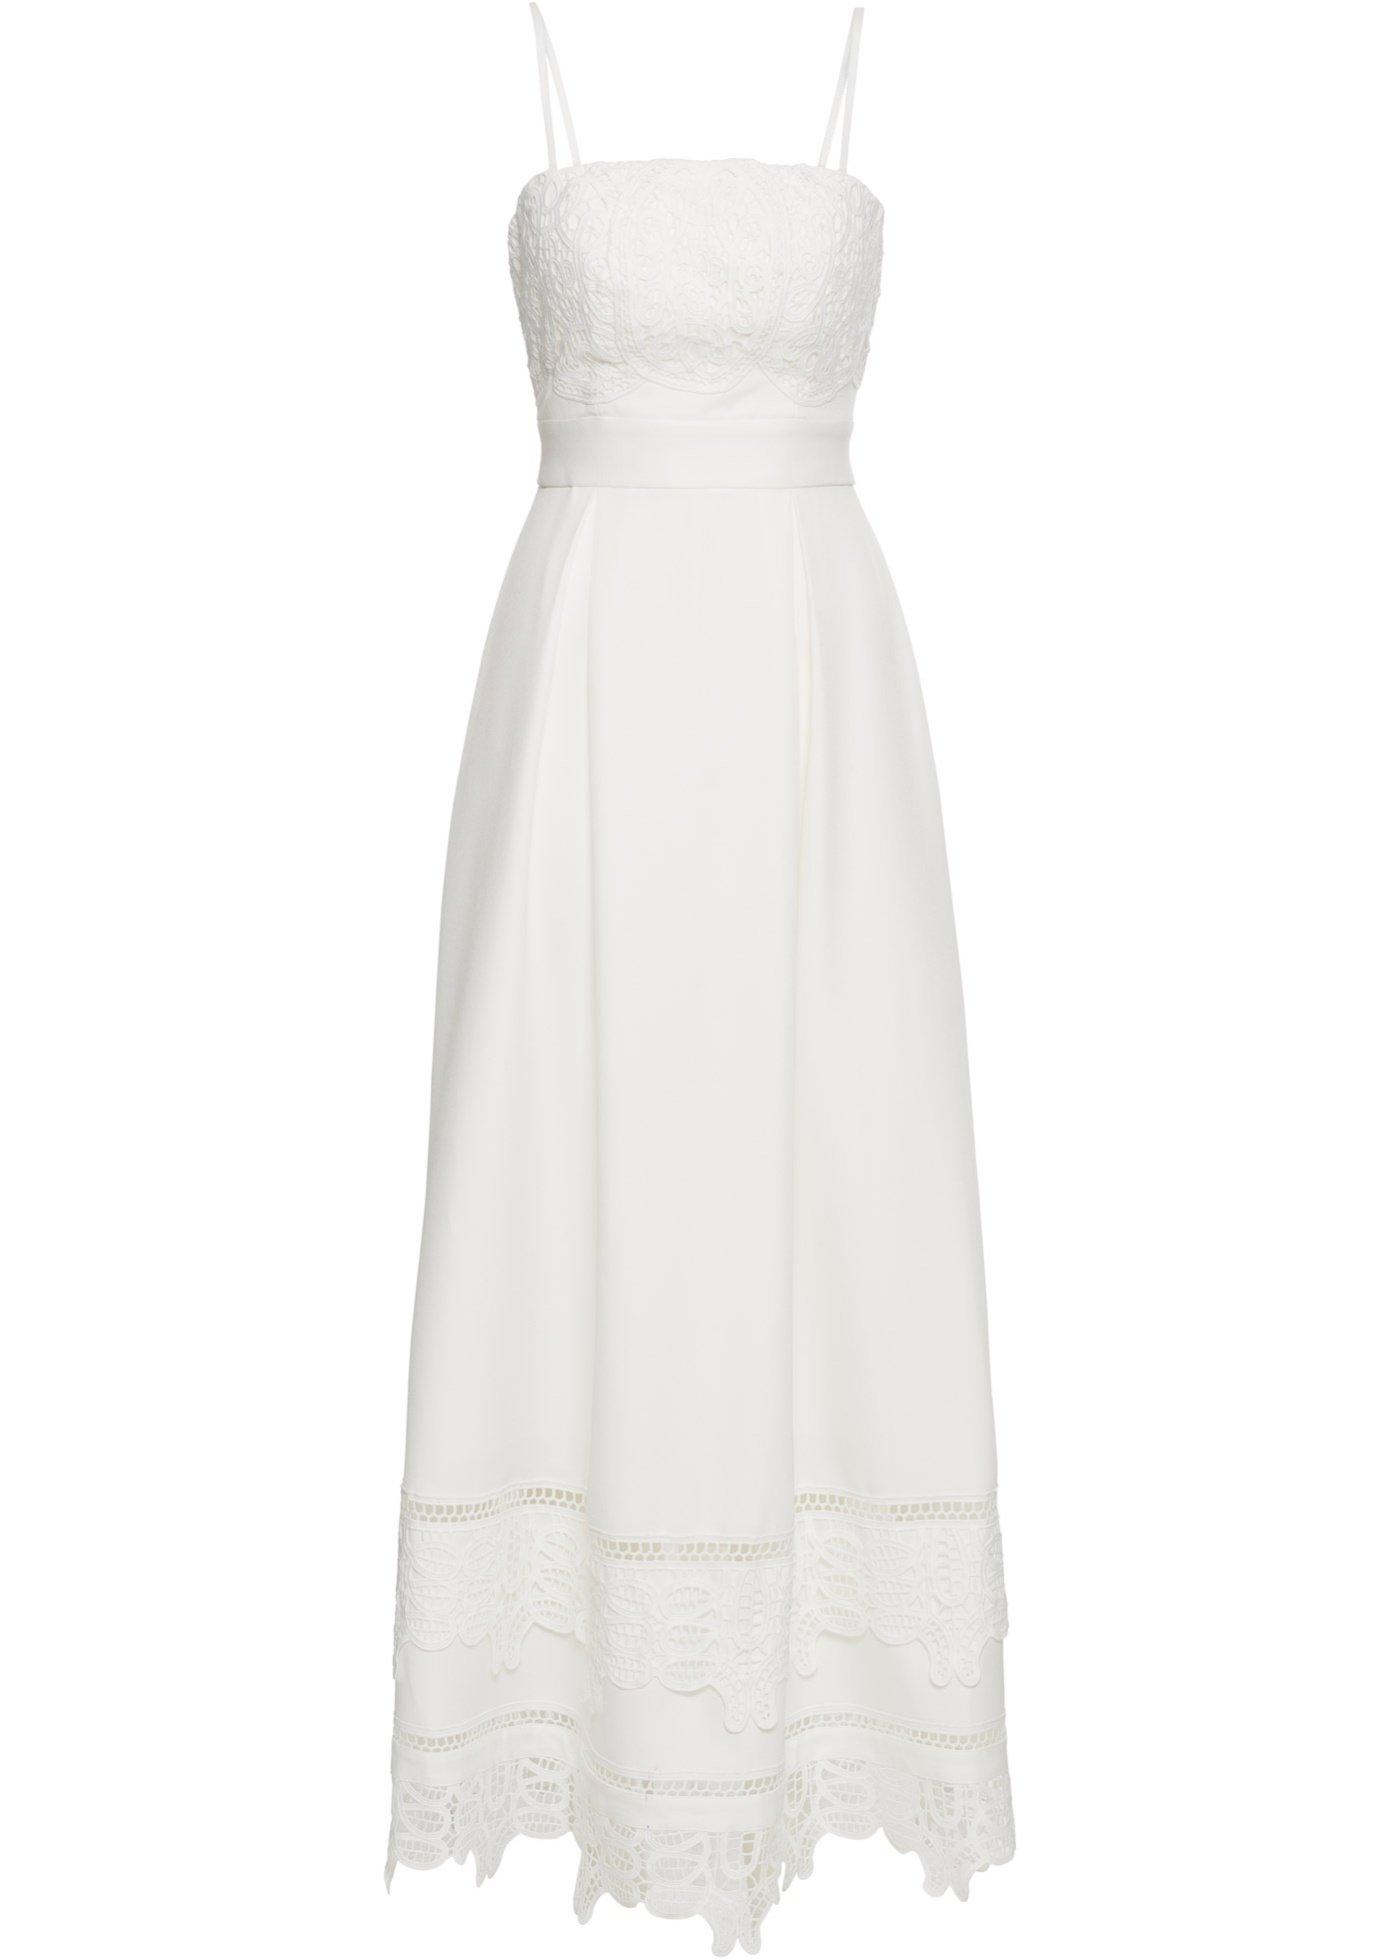 22ad8038db34e65 Свадебные платья, аксессуары - продажа, прокат в Назрани. Лучшие цены, купить  на INFOYAR!